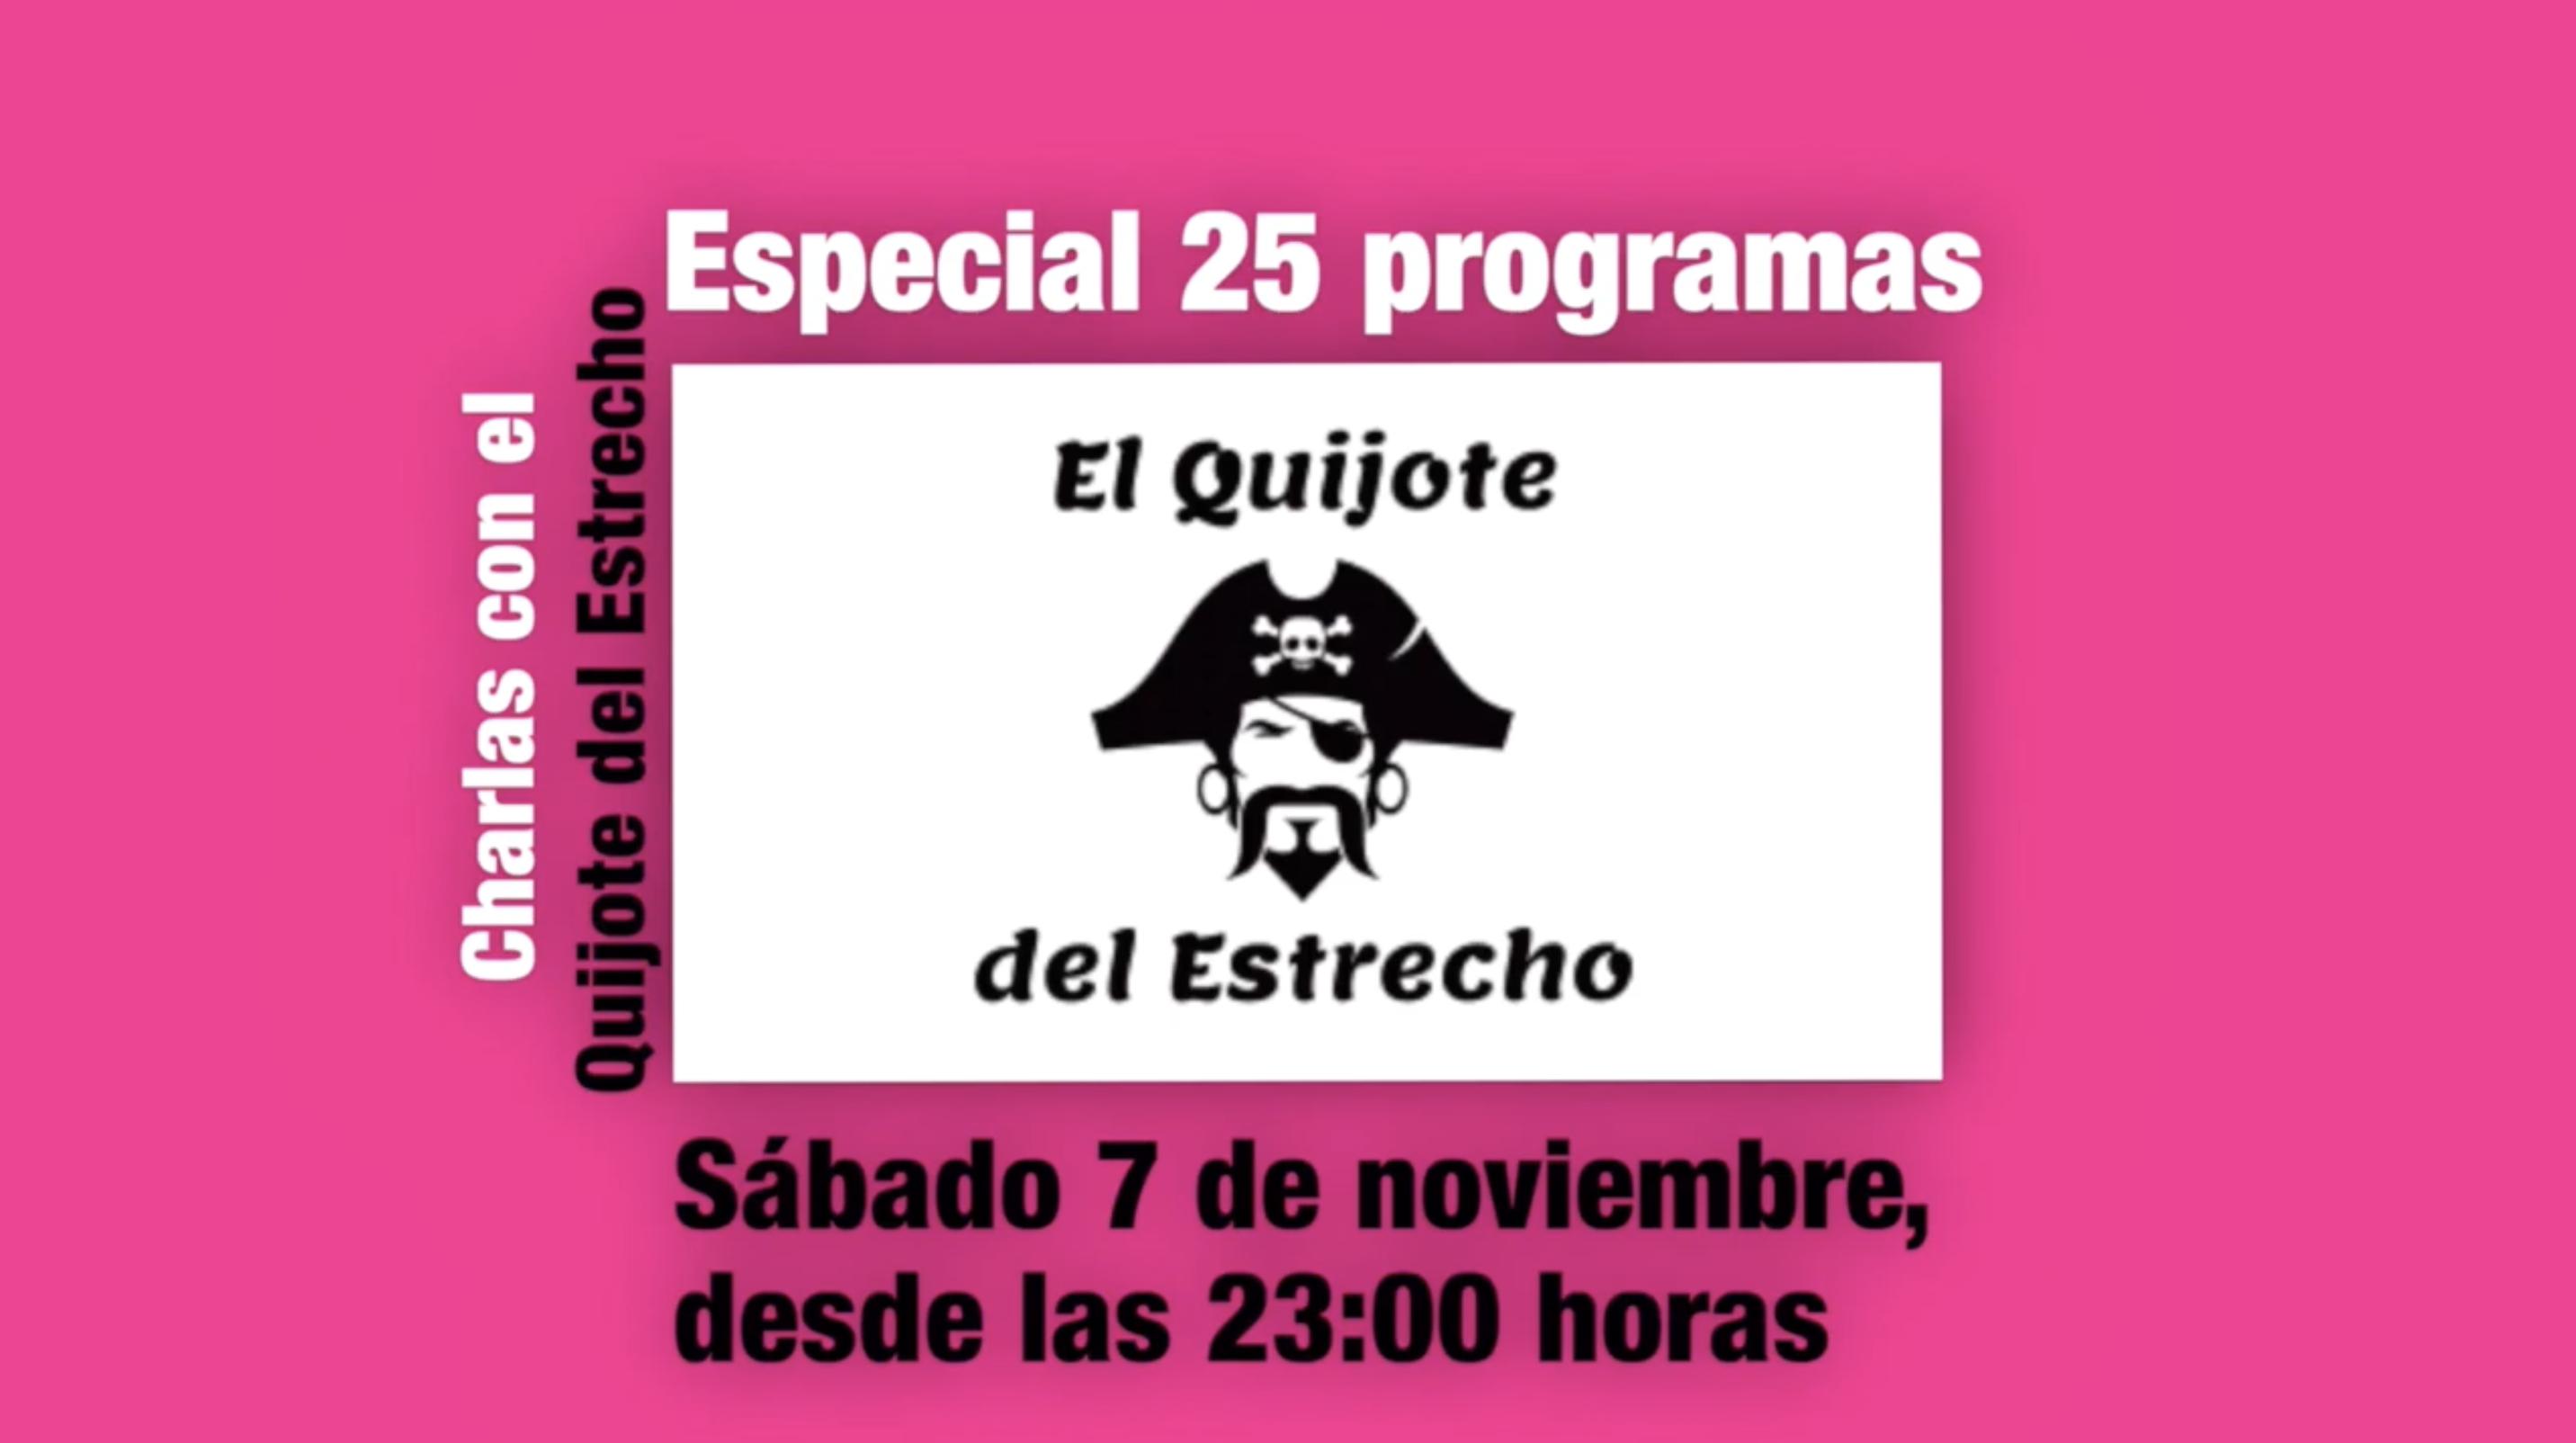 Especial 25 programas